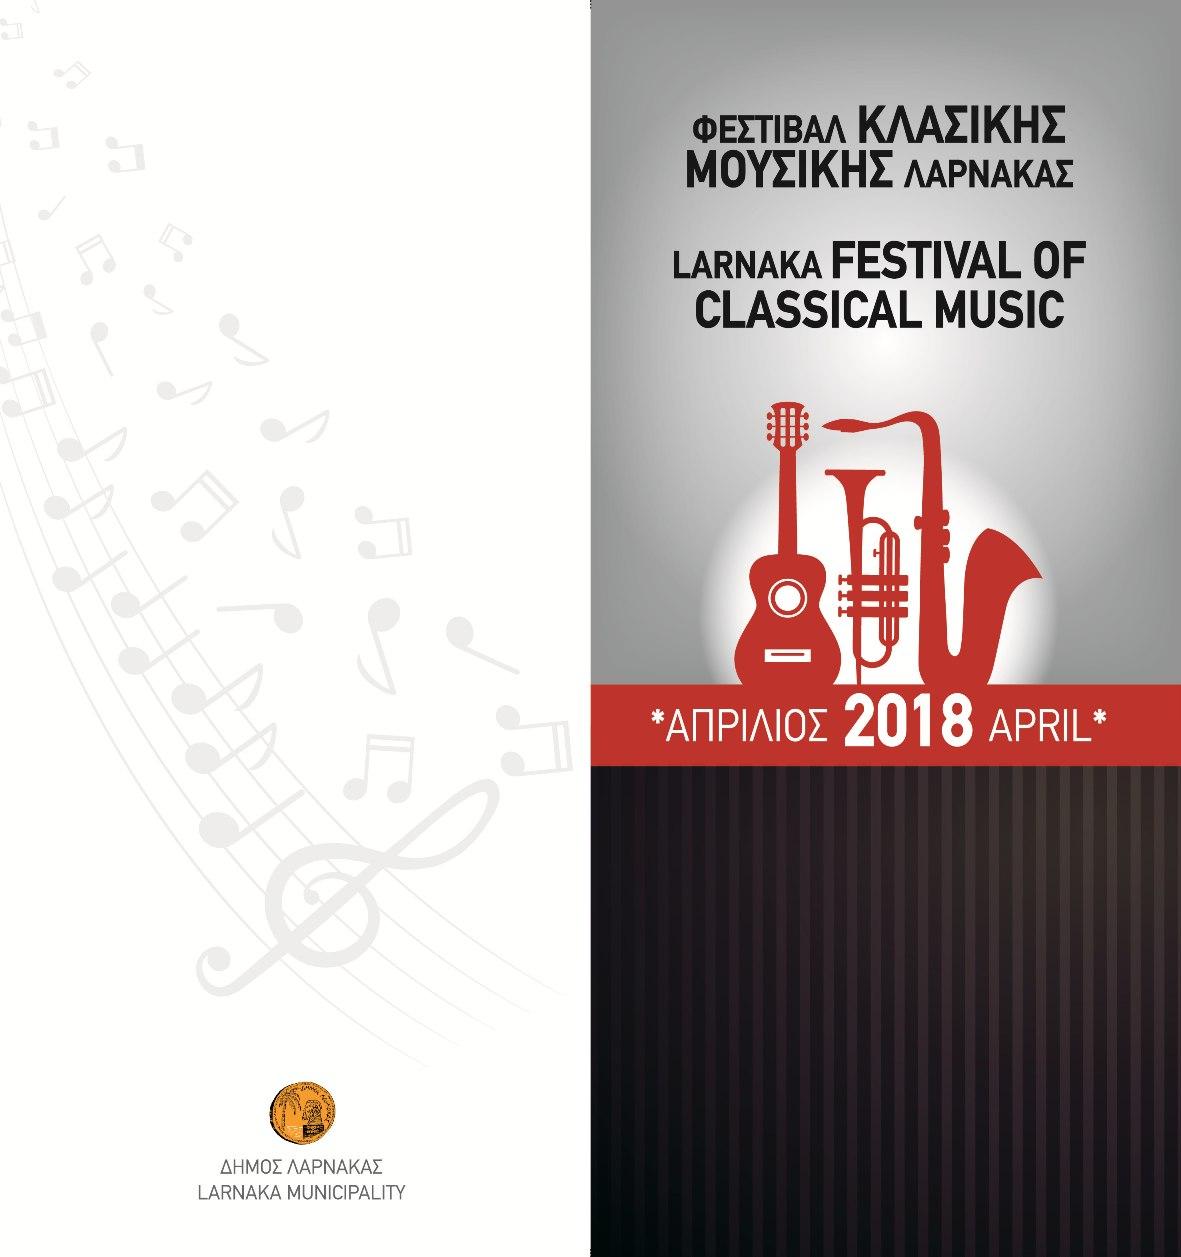 Φεστιβάλ Κλασσικής Μουσικής 2018 Δήμου Λάρνακας